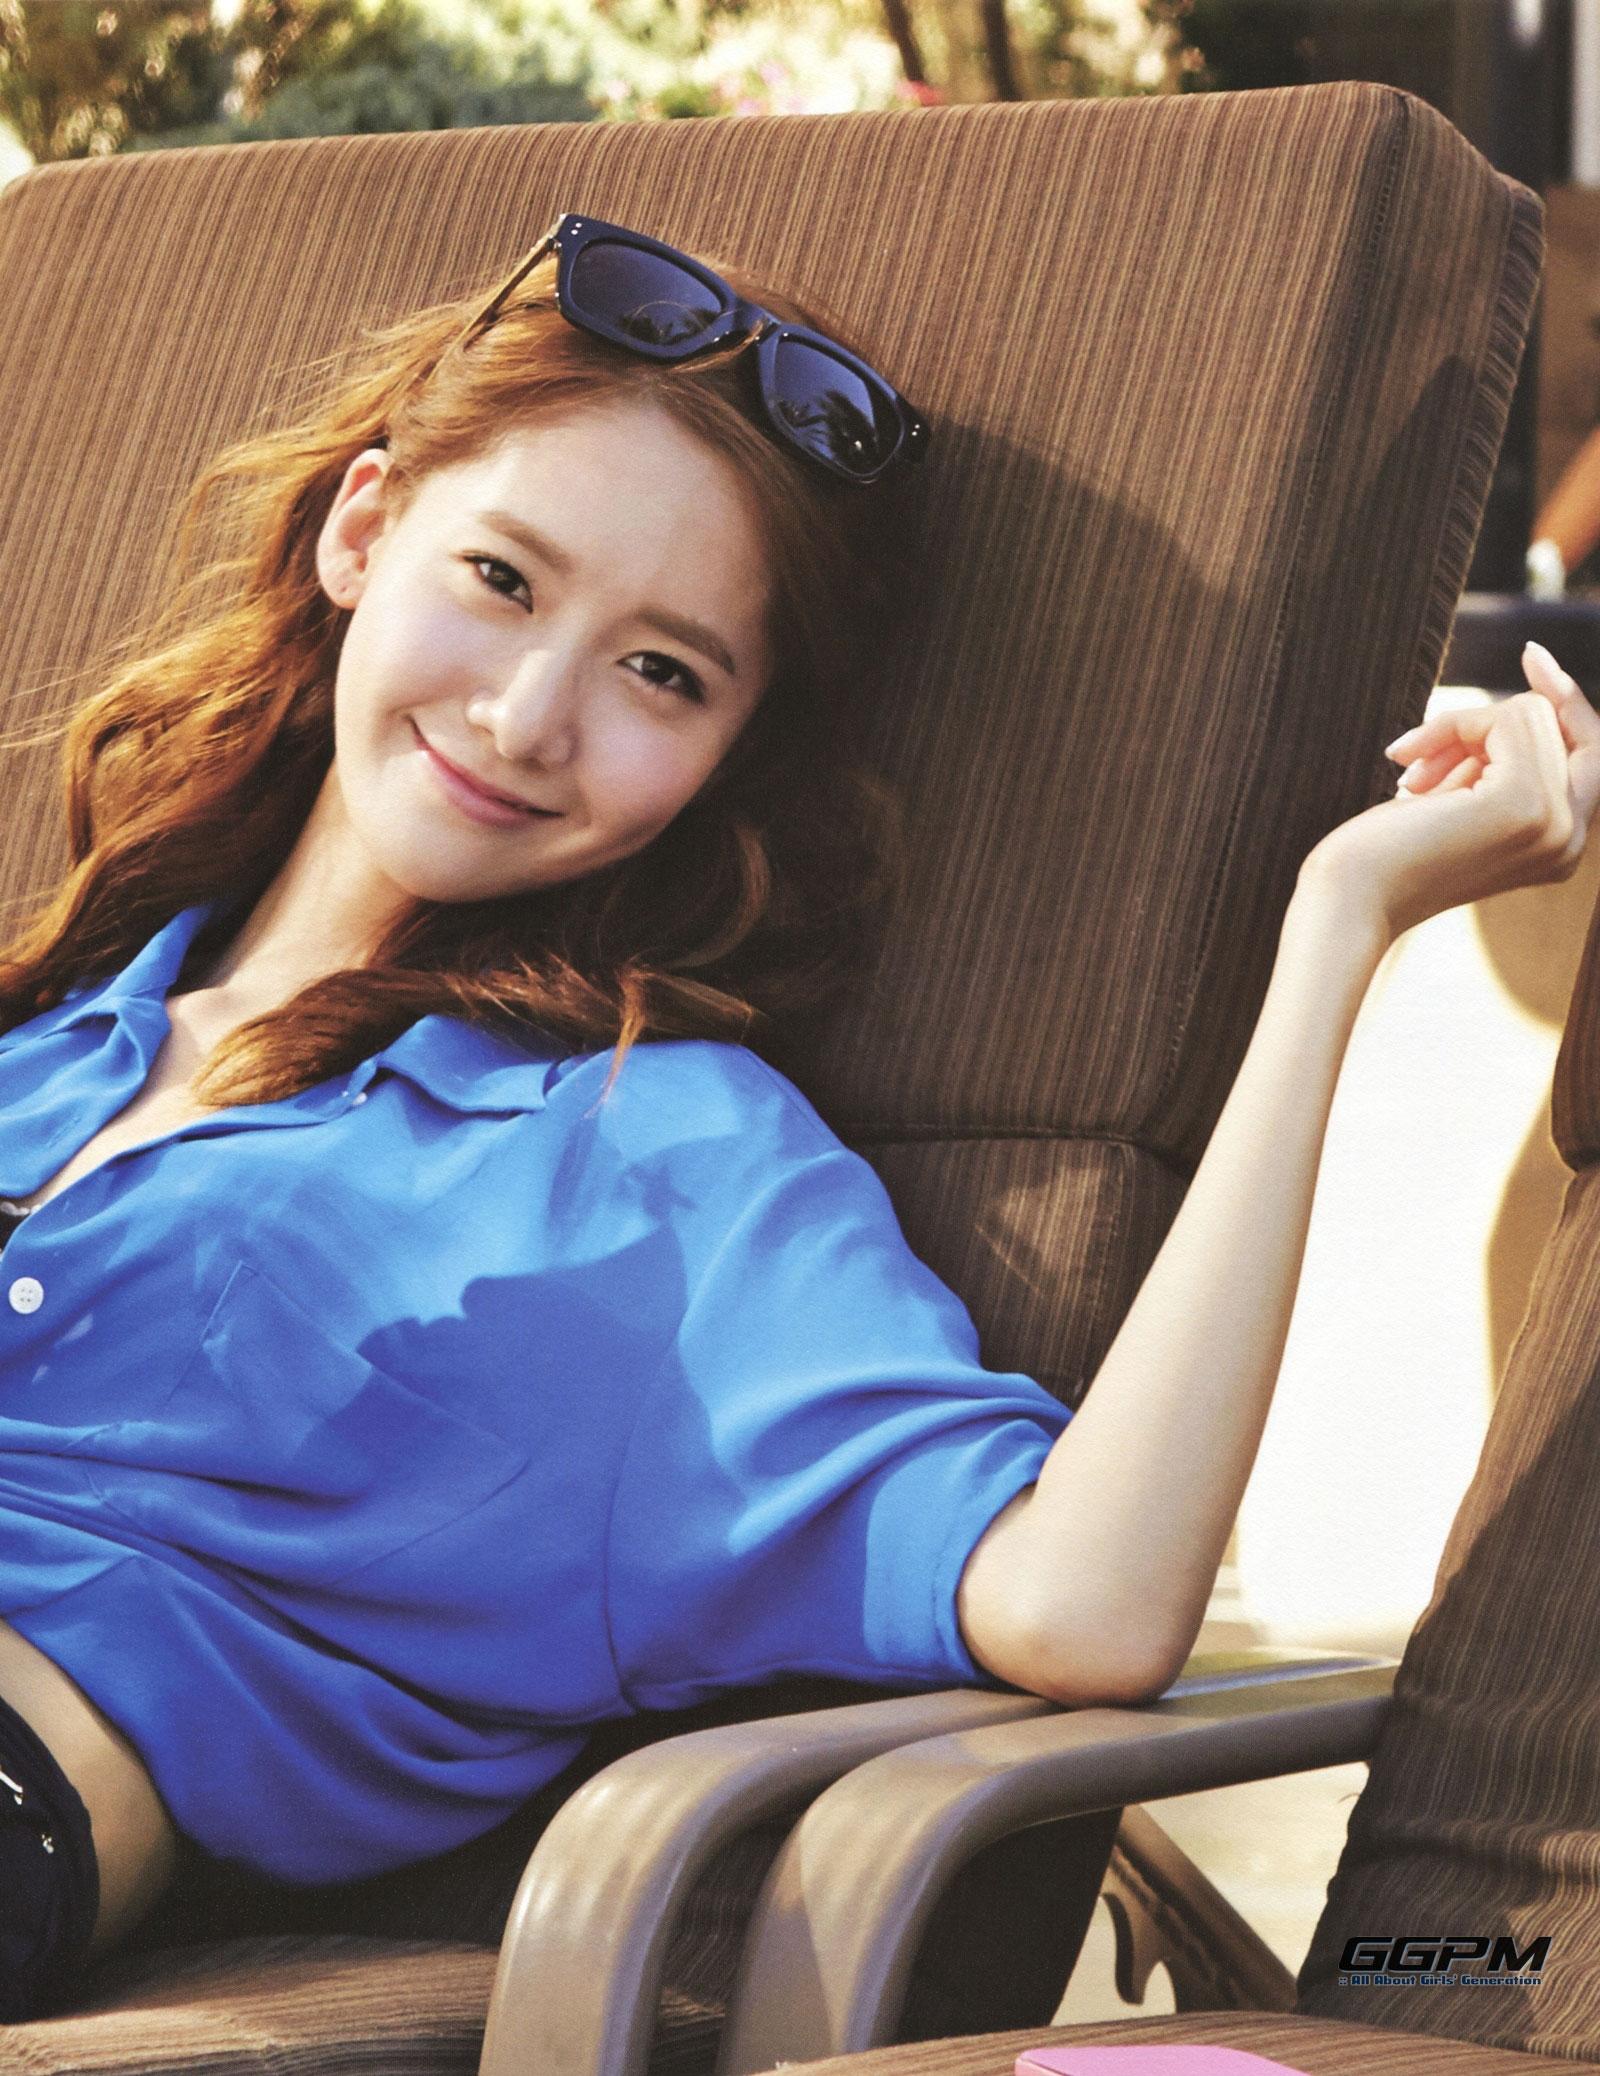 Girls Generation Yoona 7th anniversary photobook